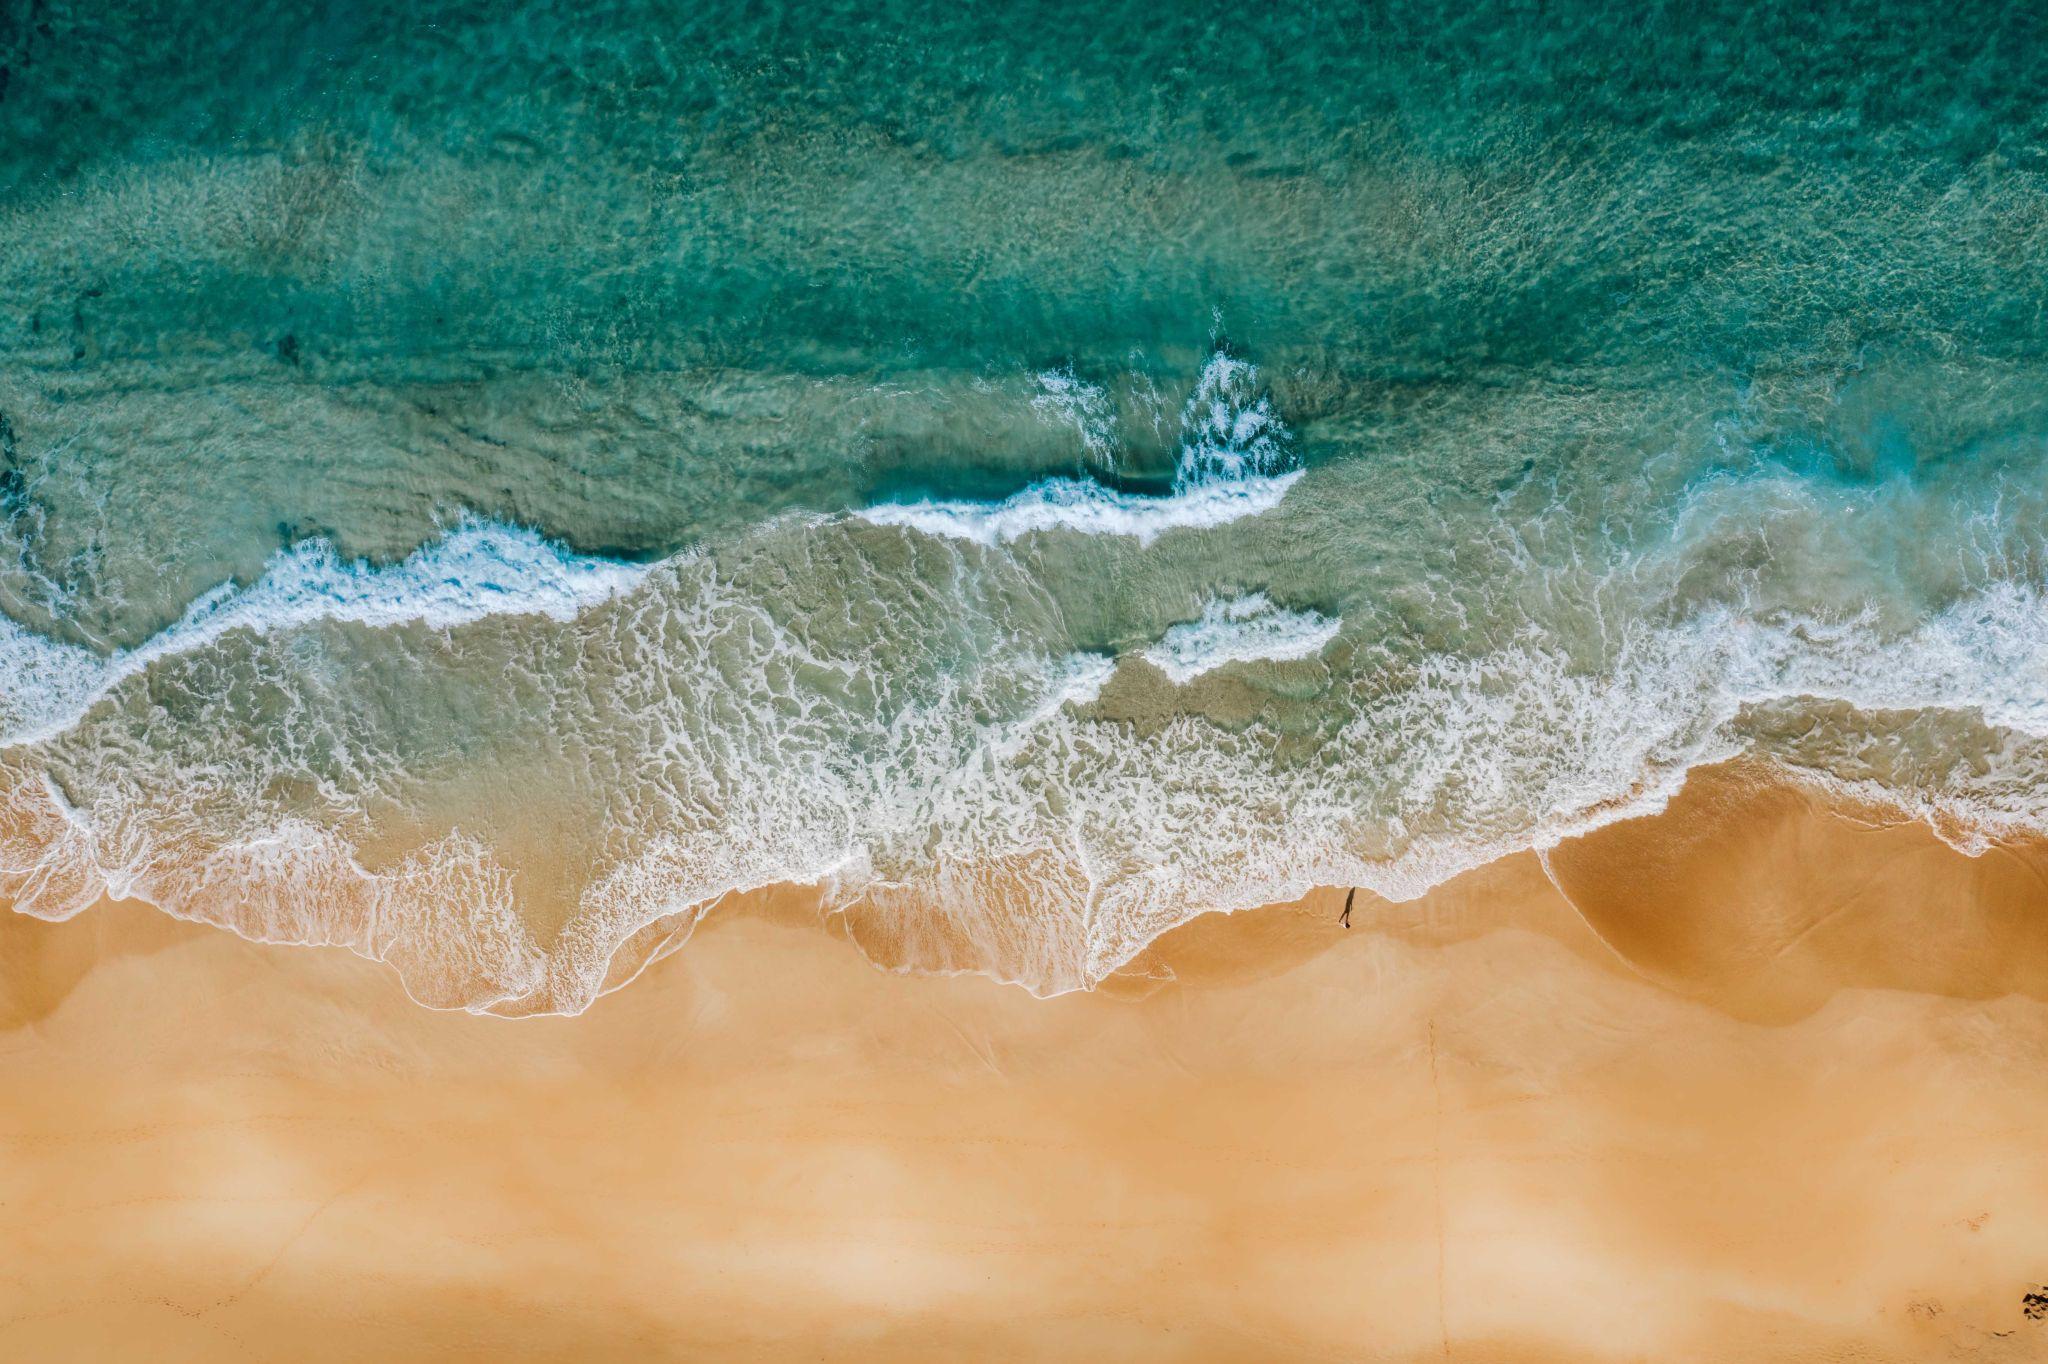 Sandy Beach [Drone], USA